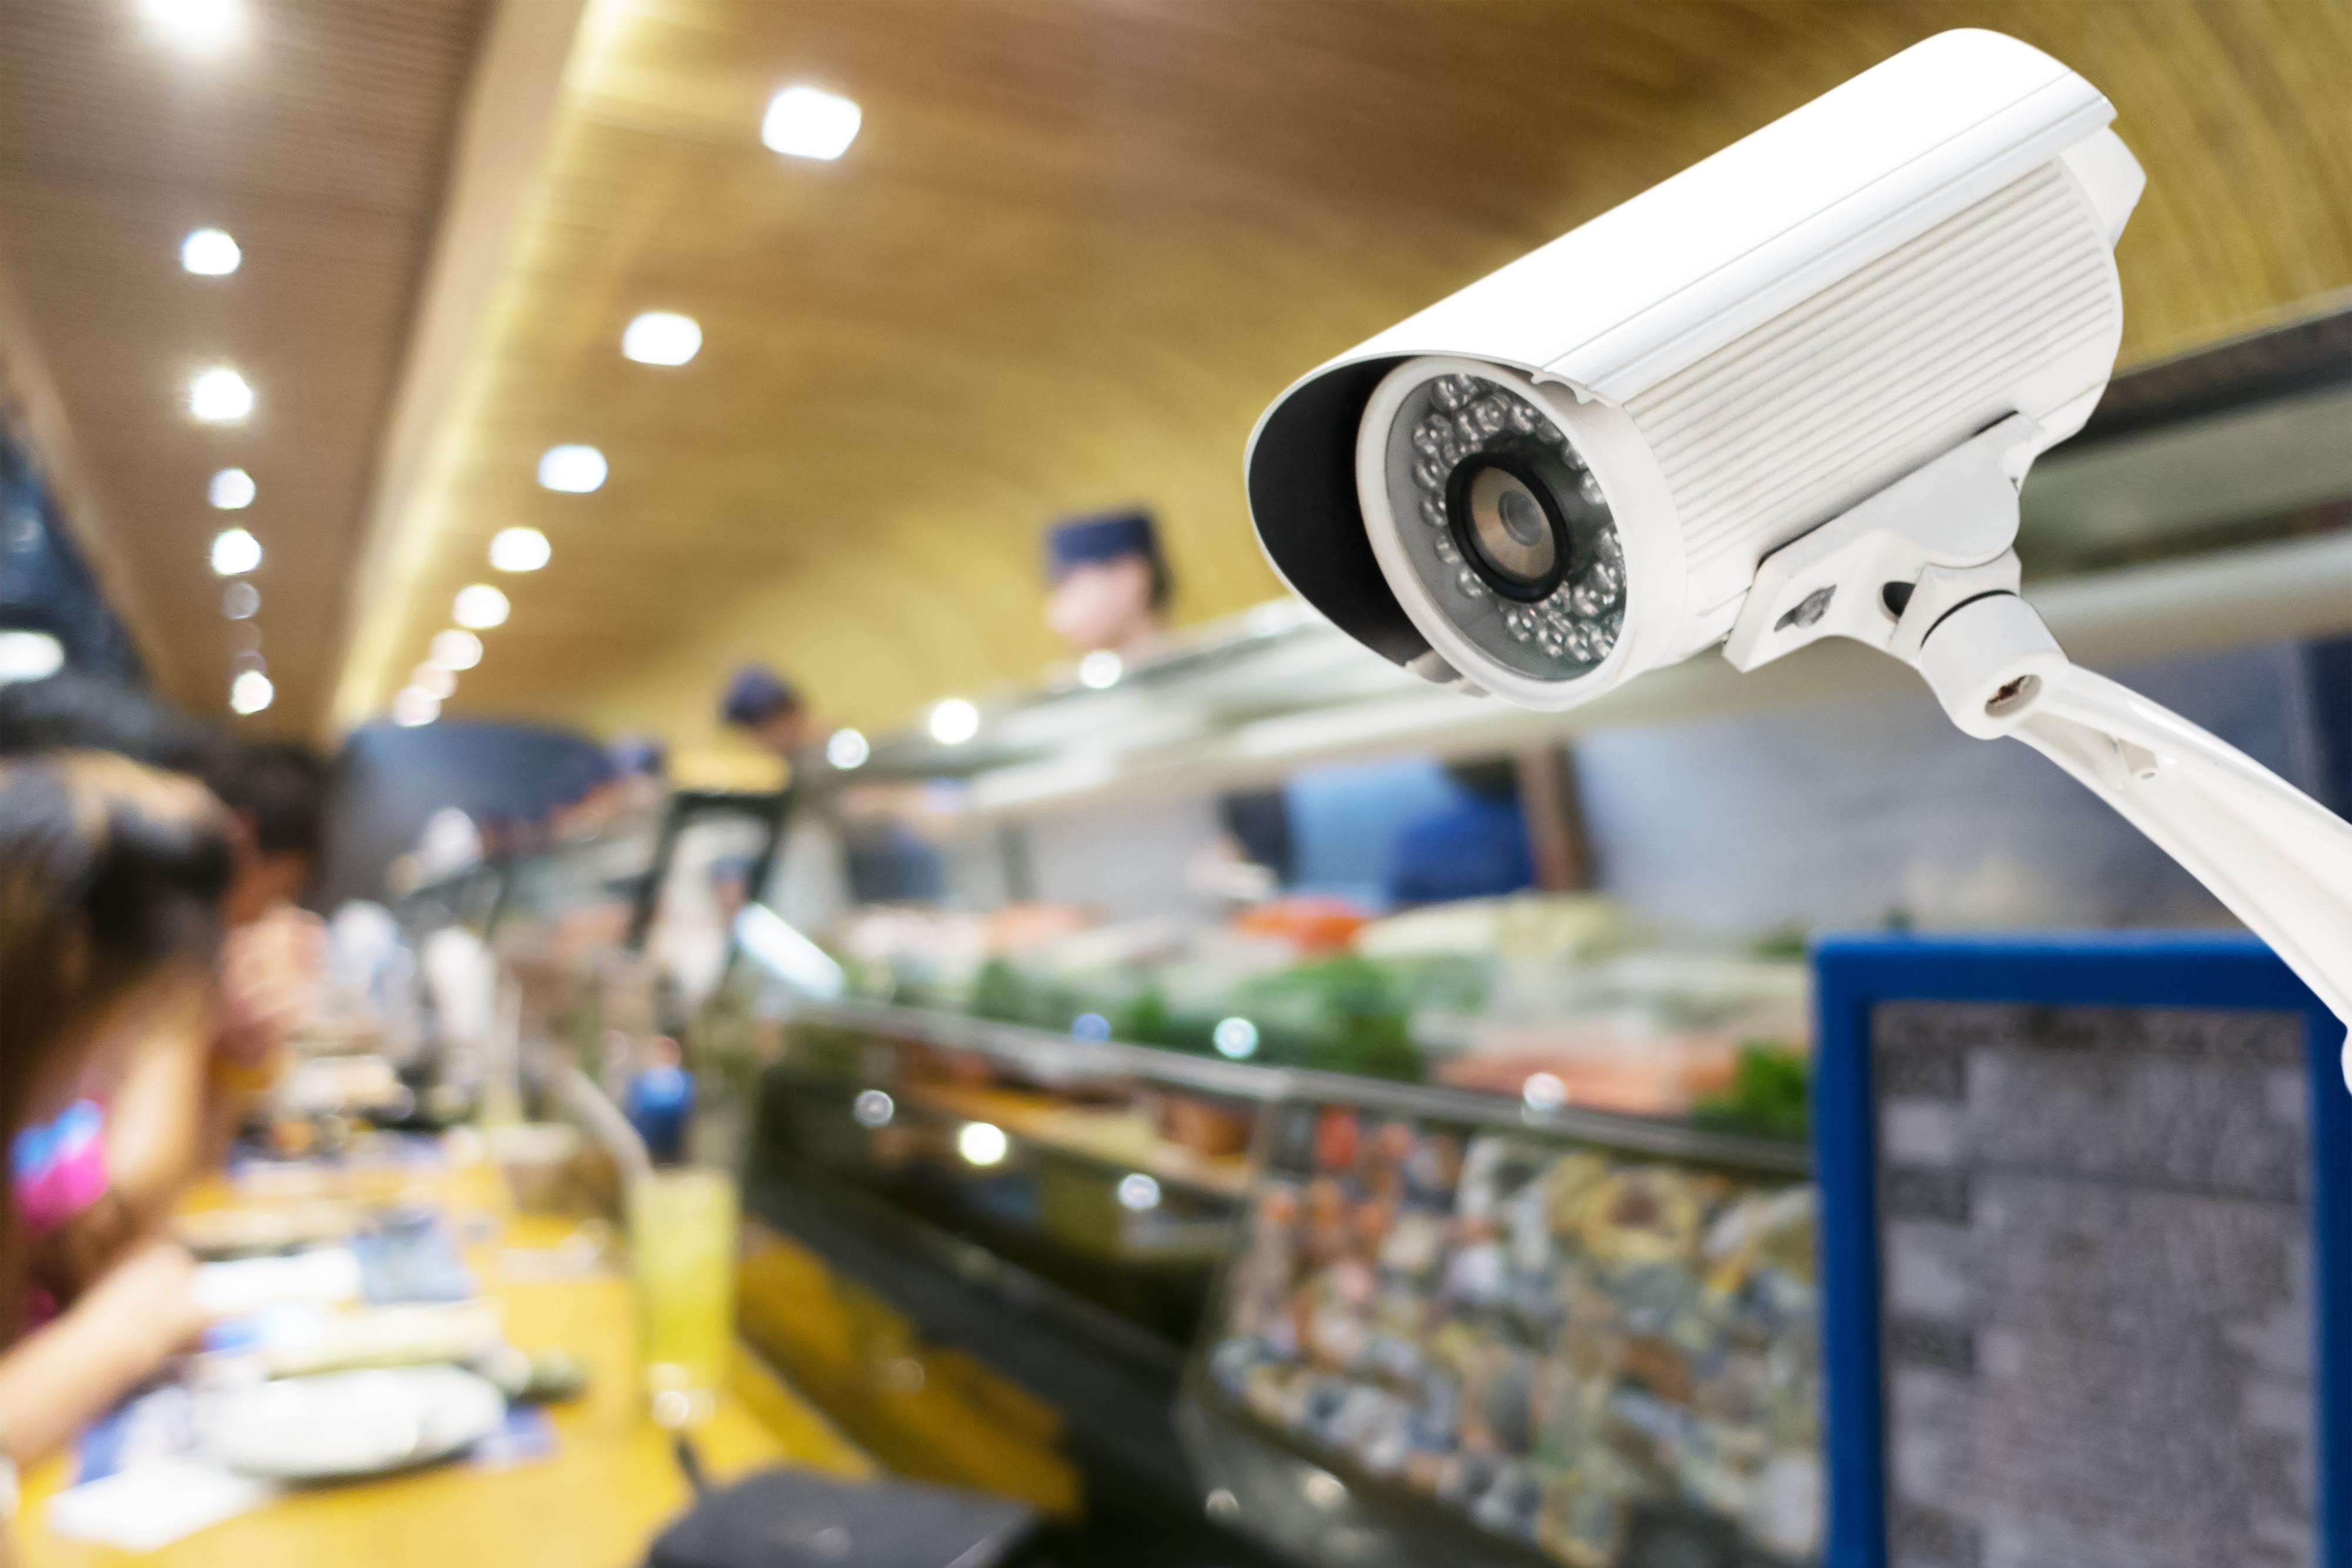 lessen burglaries at stores